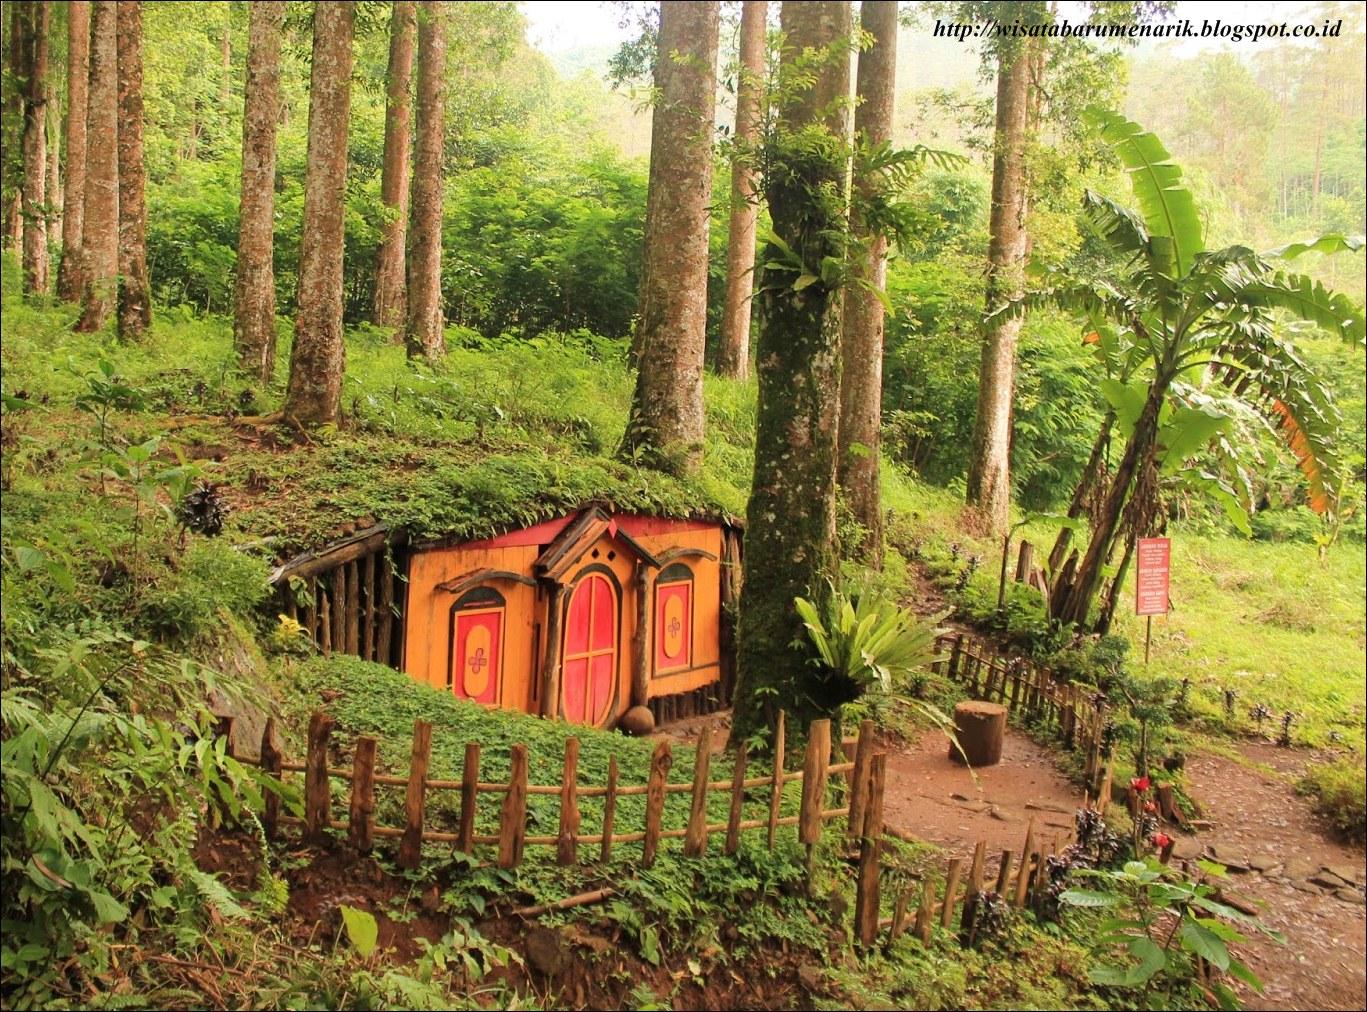 Sungguh Menakjubkan Tempat Terbilang Populer Purbalingga Kampung Kurcaci Ruman Pohon